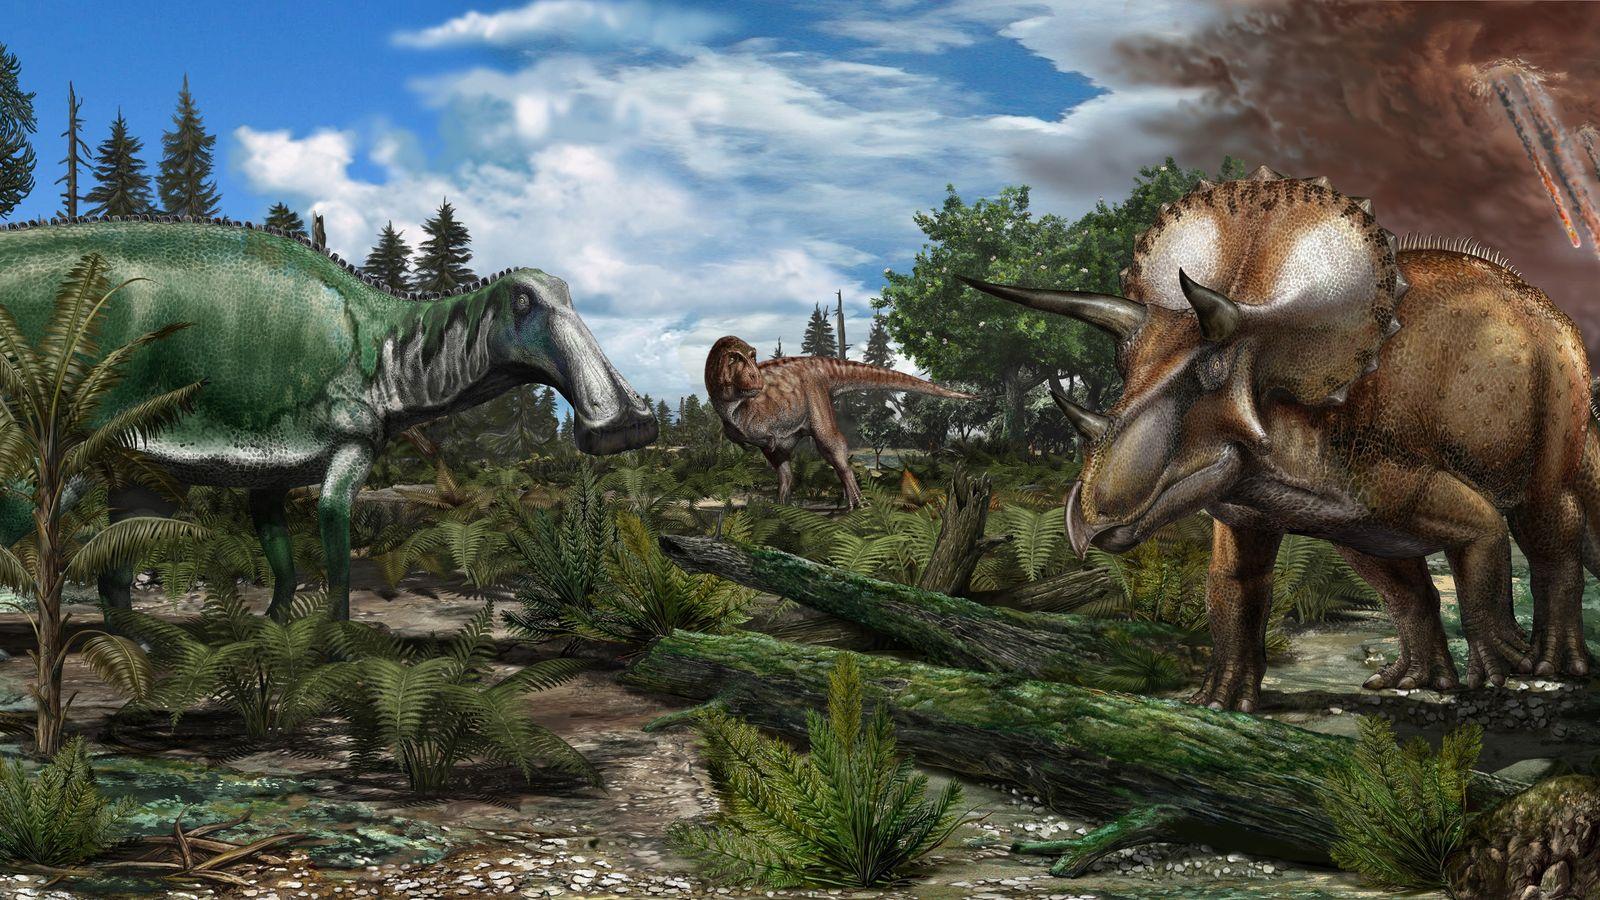 Die Rekonstruktion einer Flussniederung aus einer Zeit vor 66 Millionen Jahren zeigt Dinosaurier wie Tyrannosaurus rex, ...